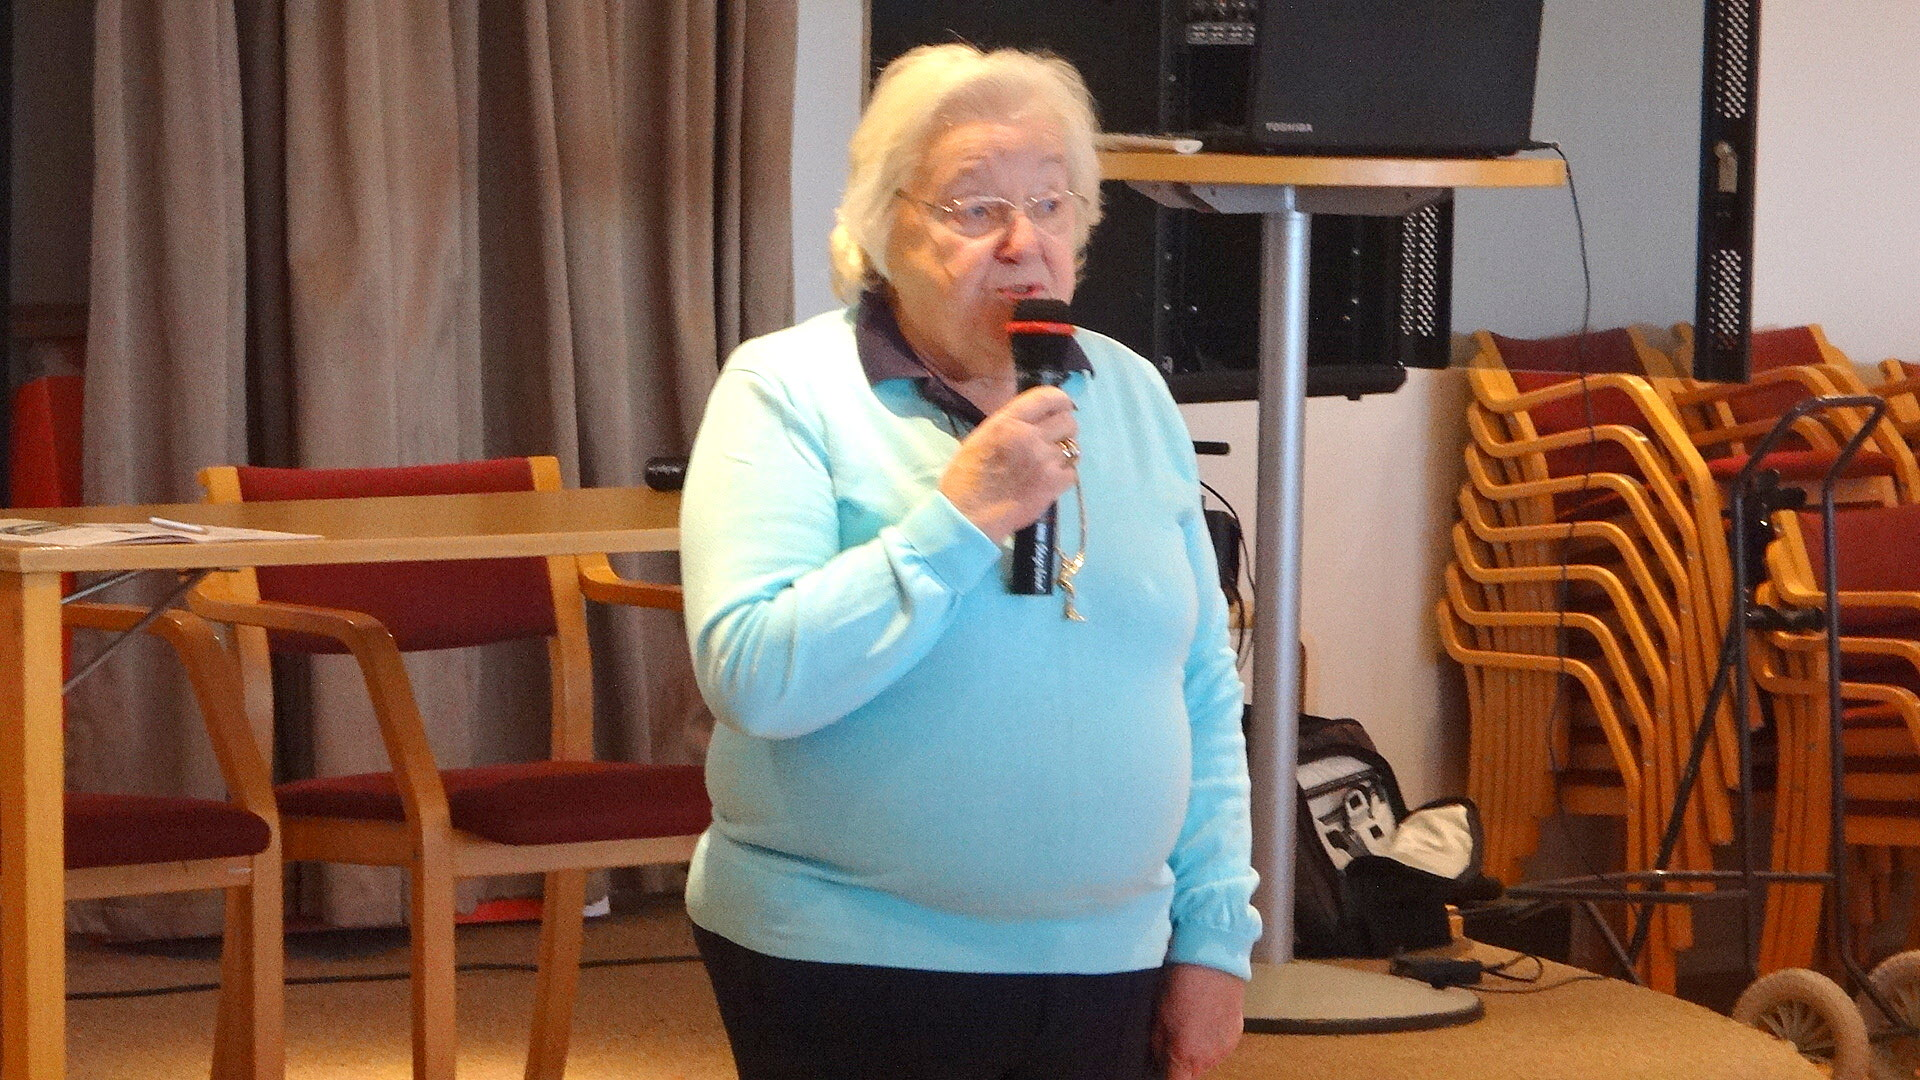 Gudrun informerar om de närmast kommande kurserna, bl. a. Historiegruppen, Vaffö och Askim vår hembygd.